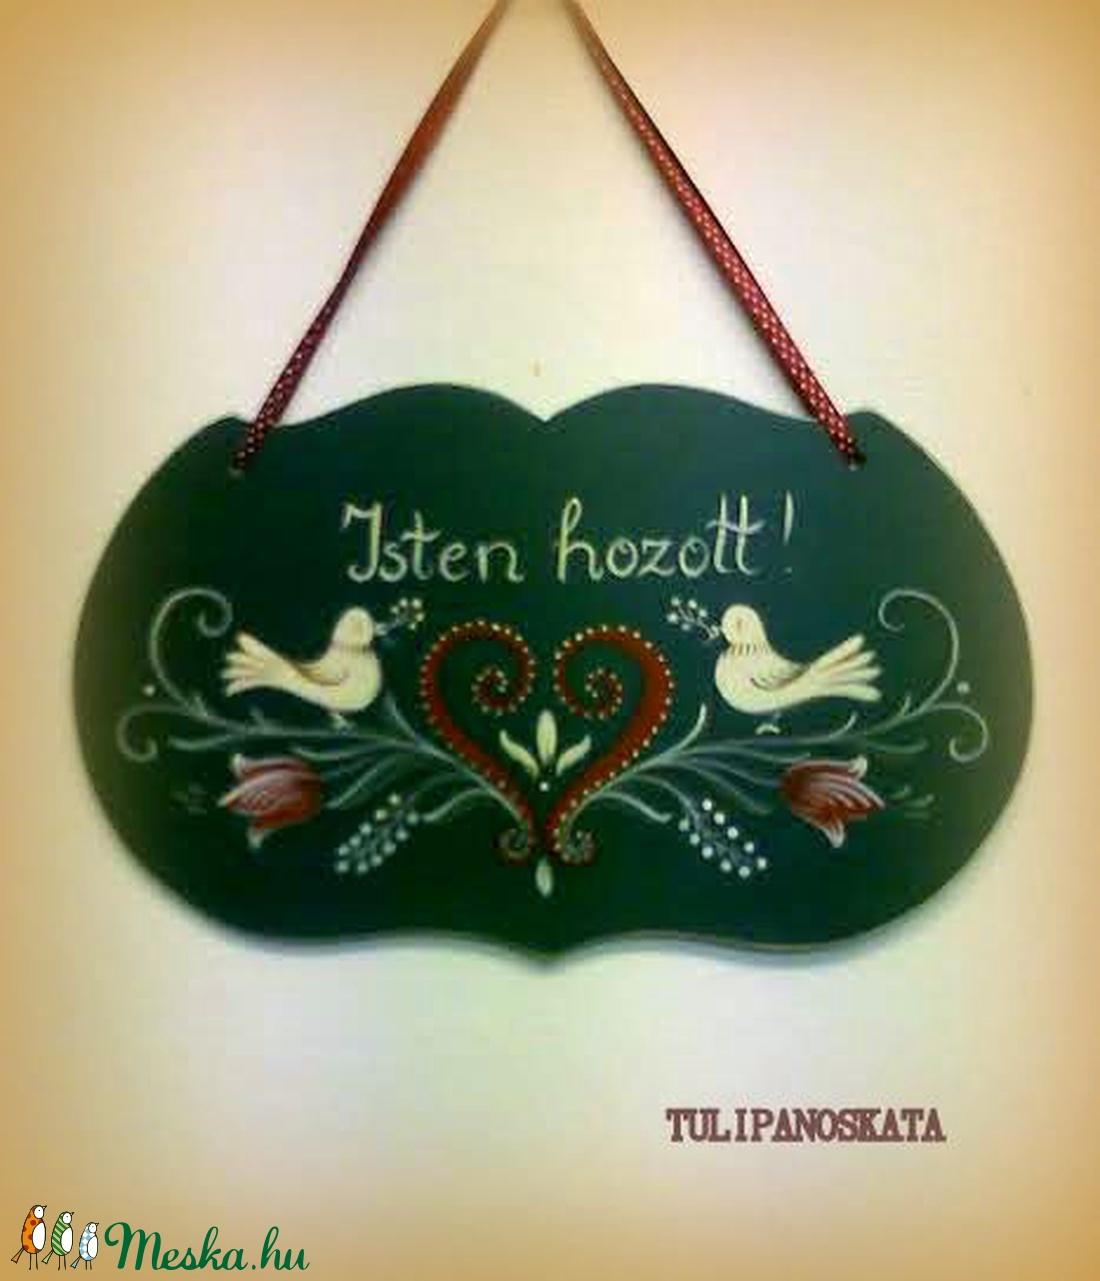 Festett  üdvözlő tábla, tulipános, madaras   mintával, Isten hozott felirattal (tulipanoskata) - Meska.hu